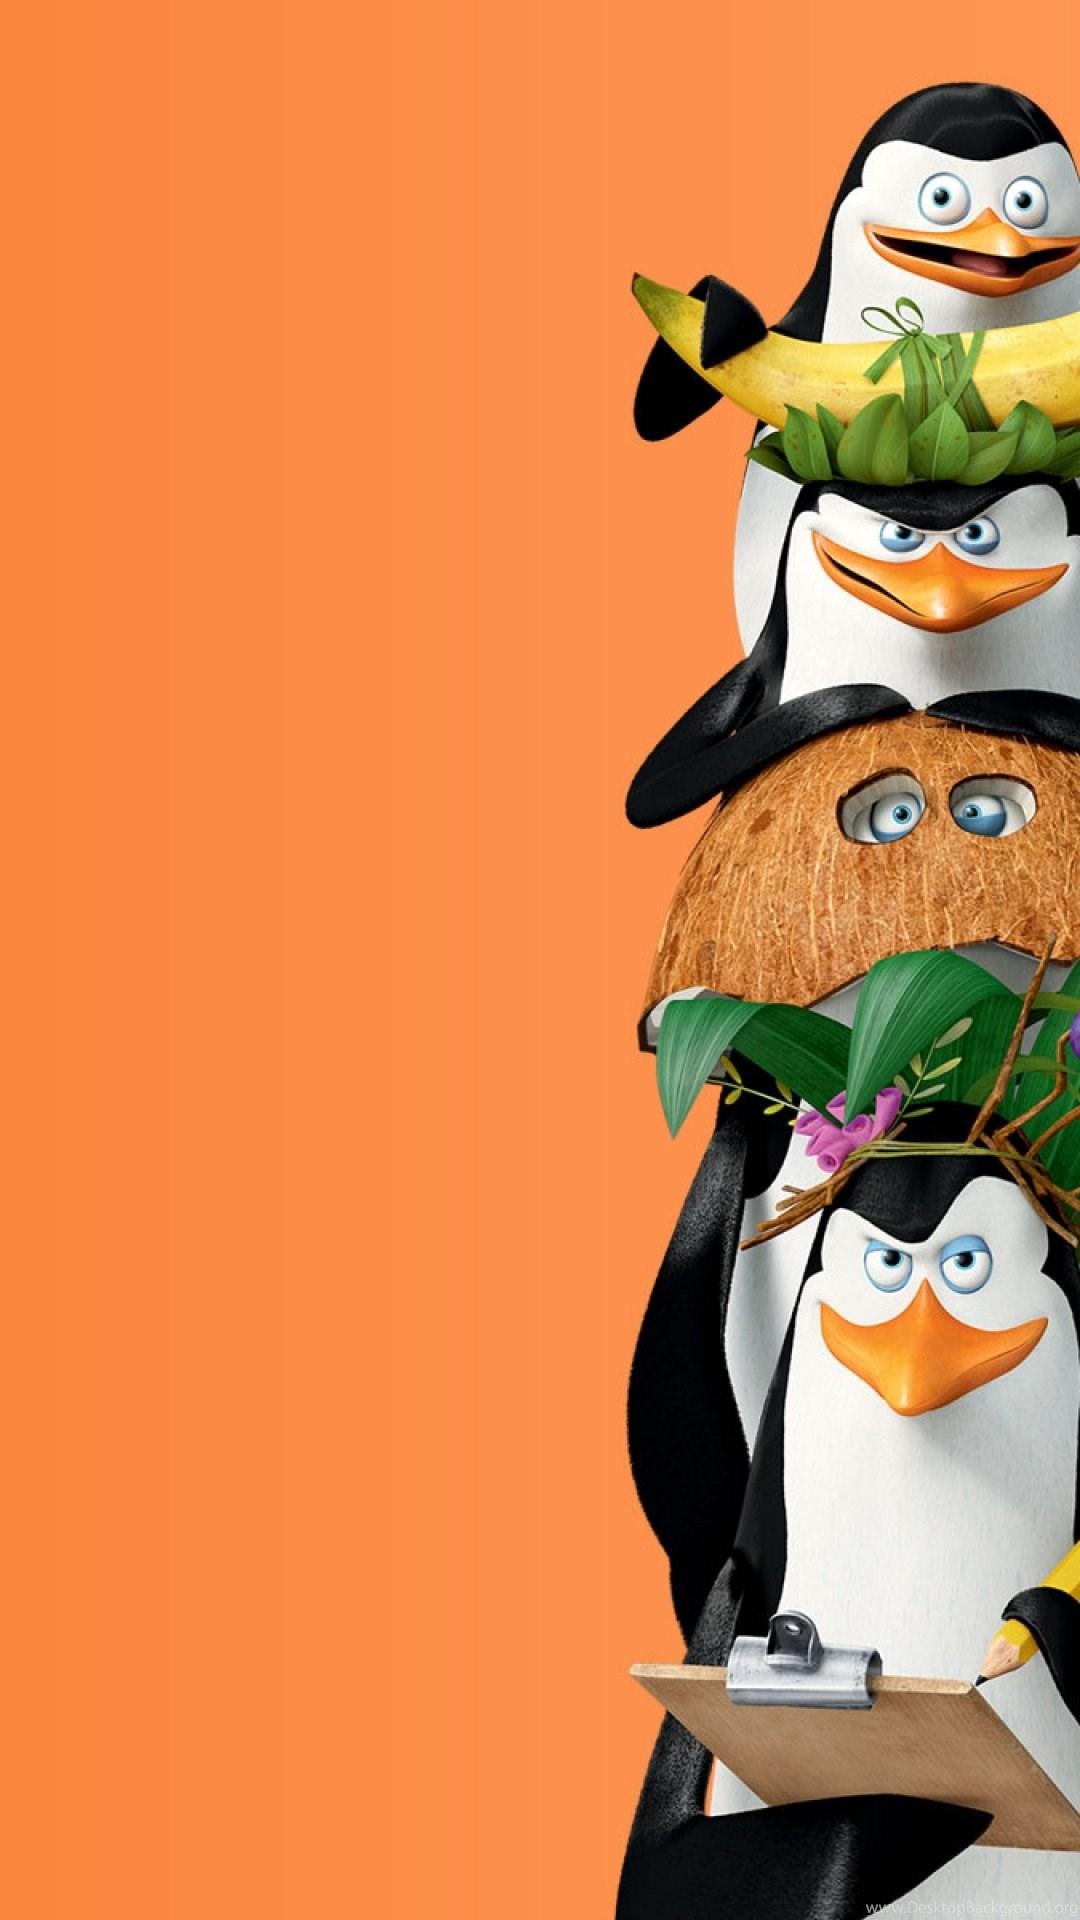 penguins of madagascar s4 wallpapers desktop background